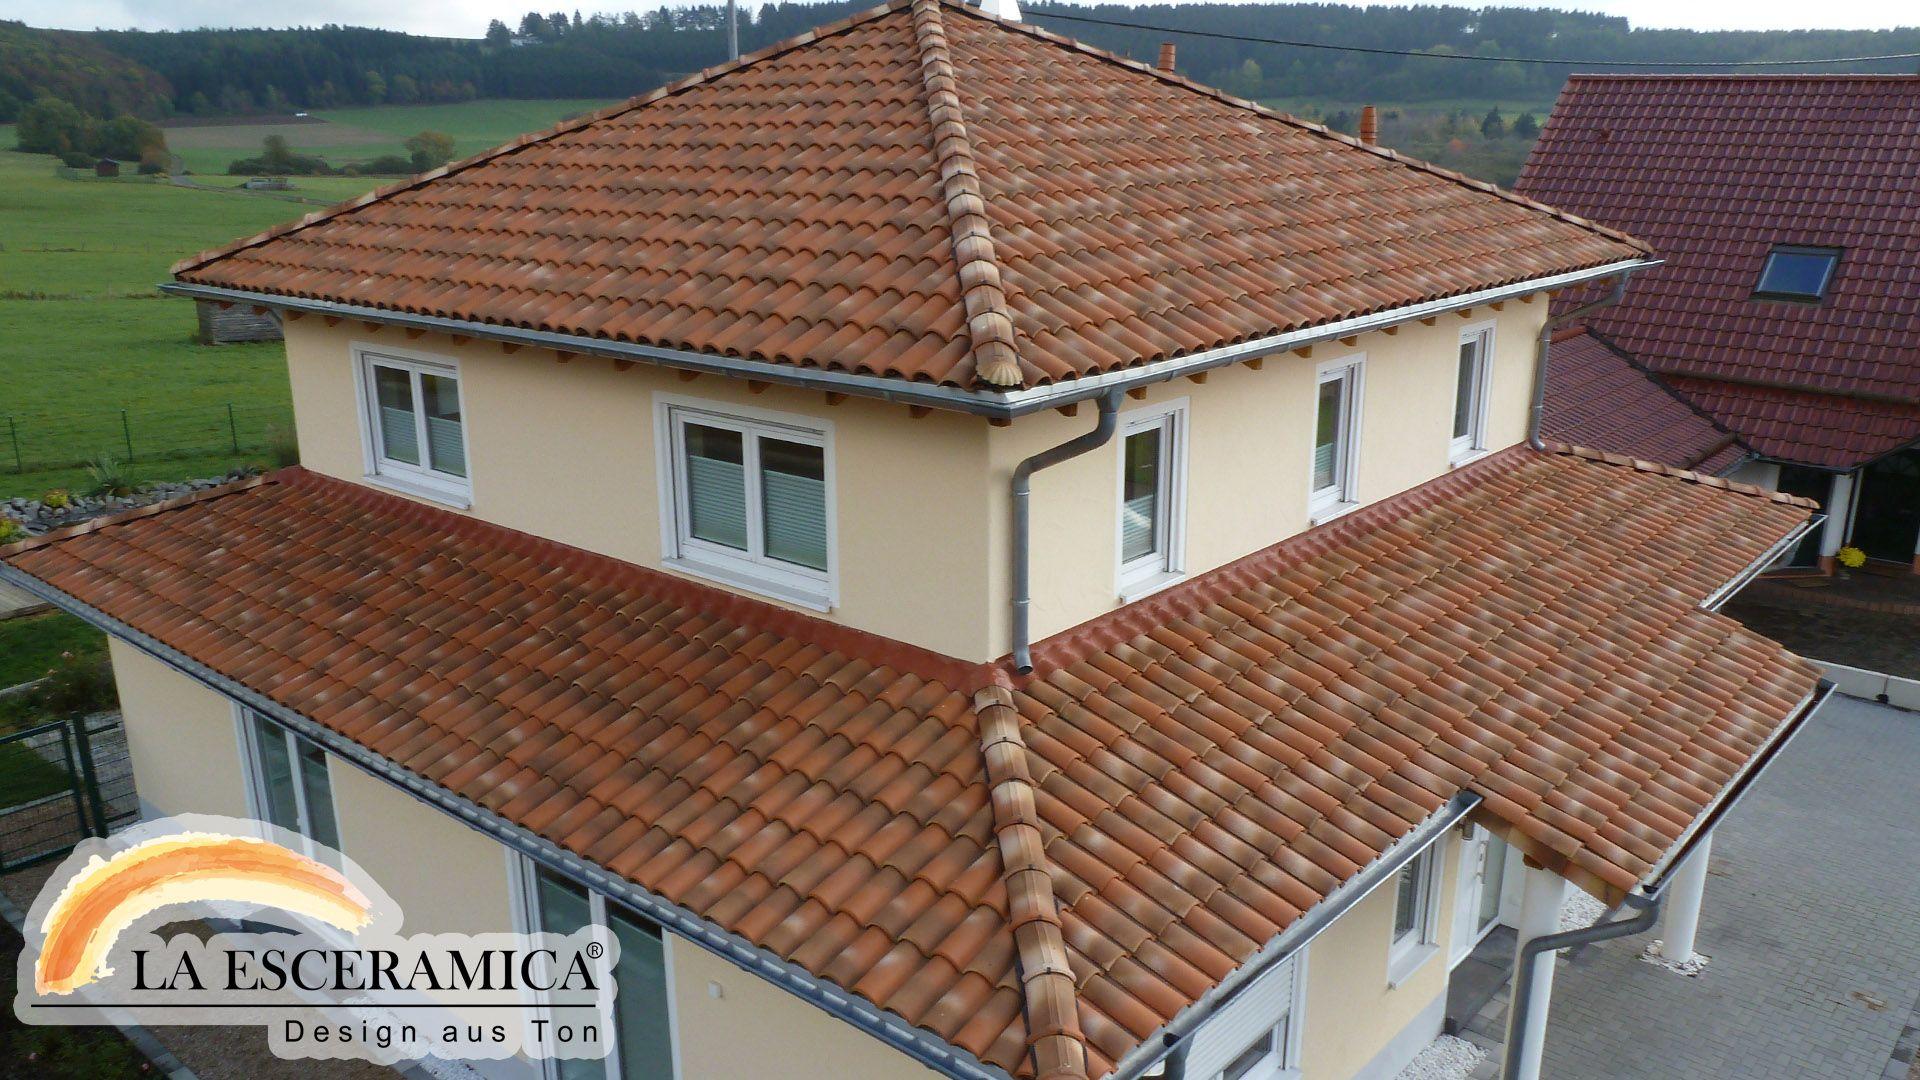 La Esceramica Dachziegel Farbe Toskana